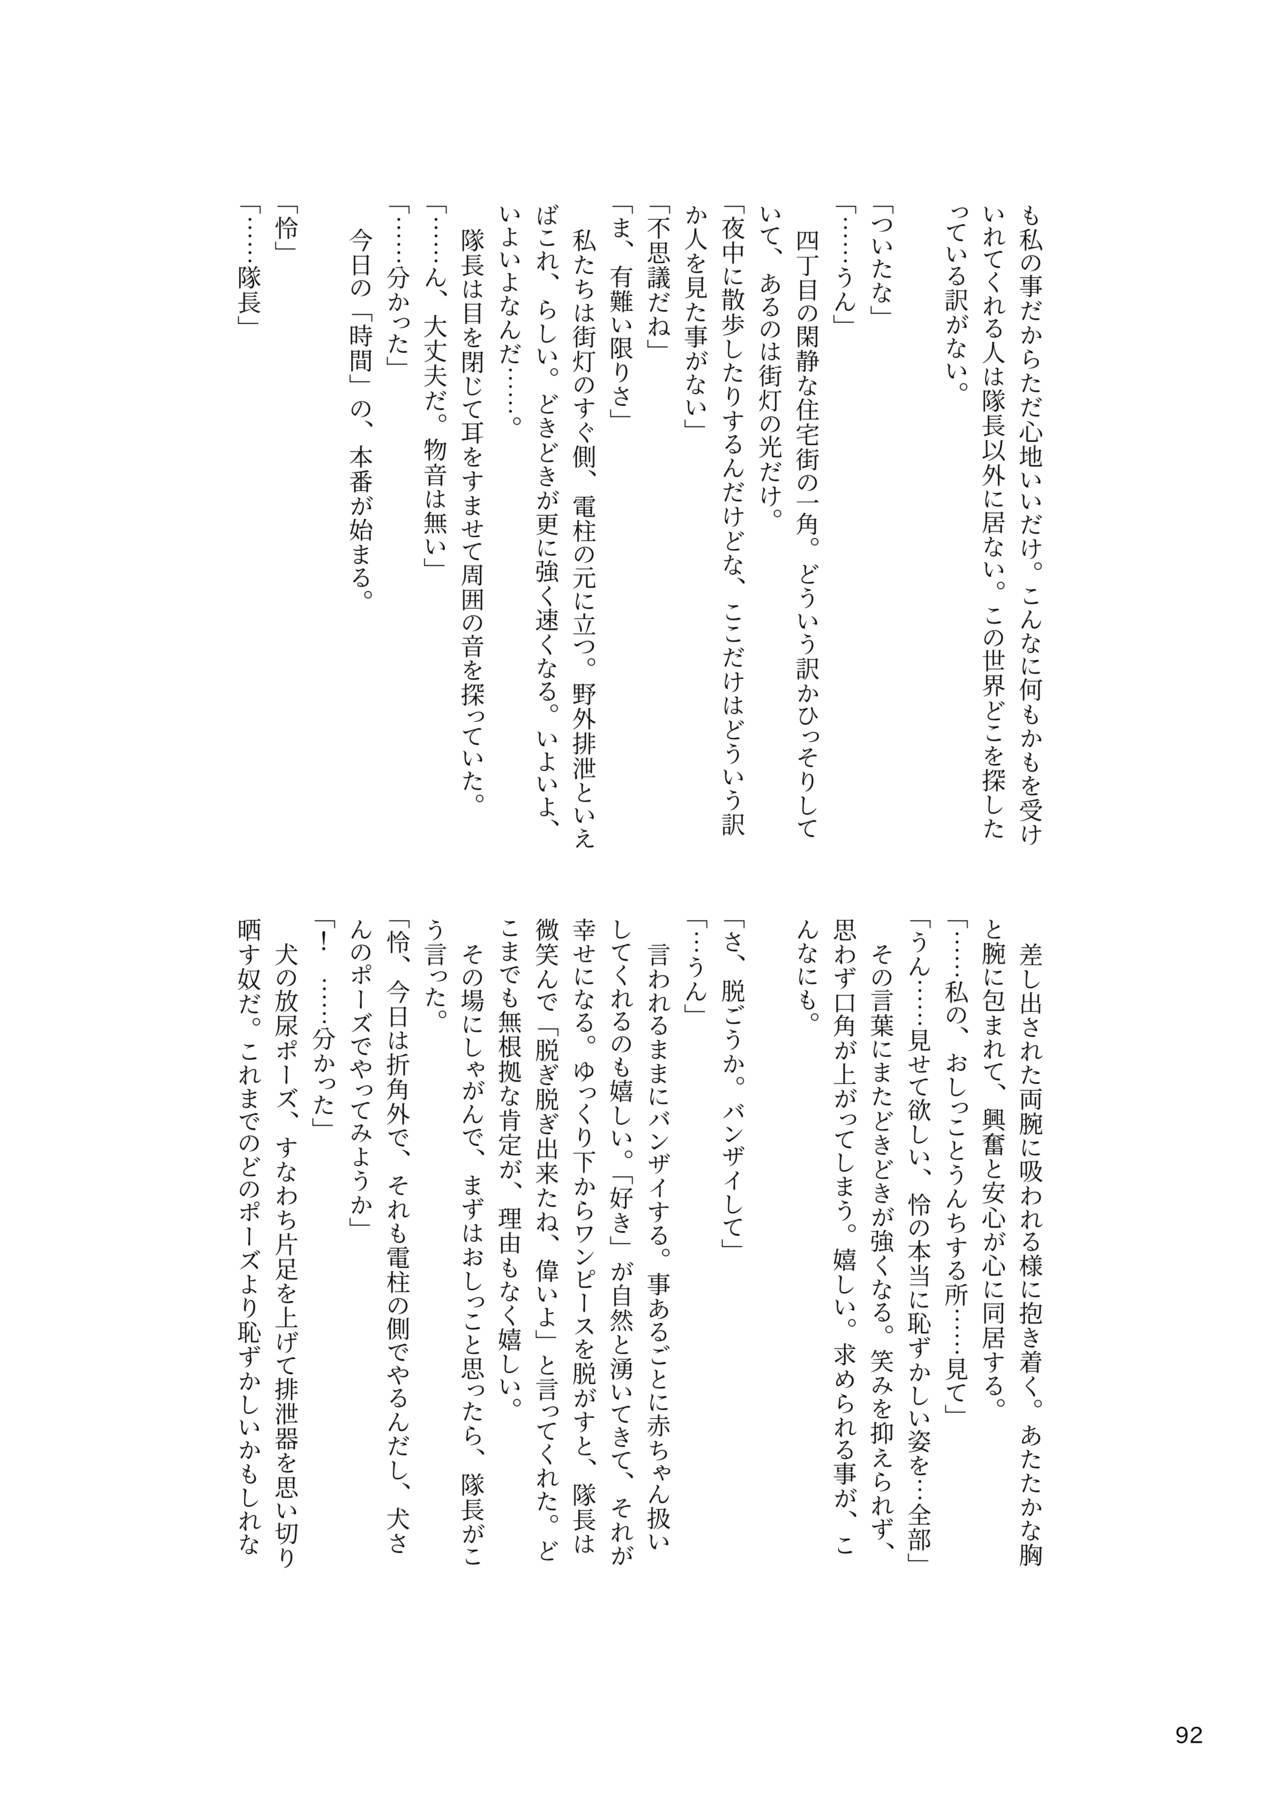 ア○スギア総合スカトロアンソロジー アクトレス排泄実態調査任務~スカポためるっすか!?~ 91